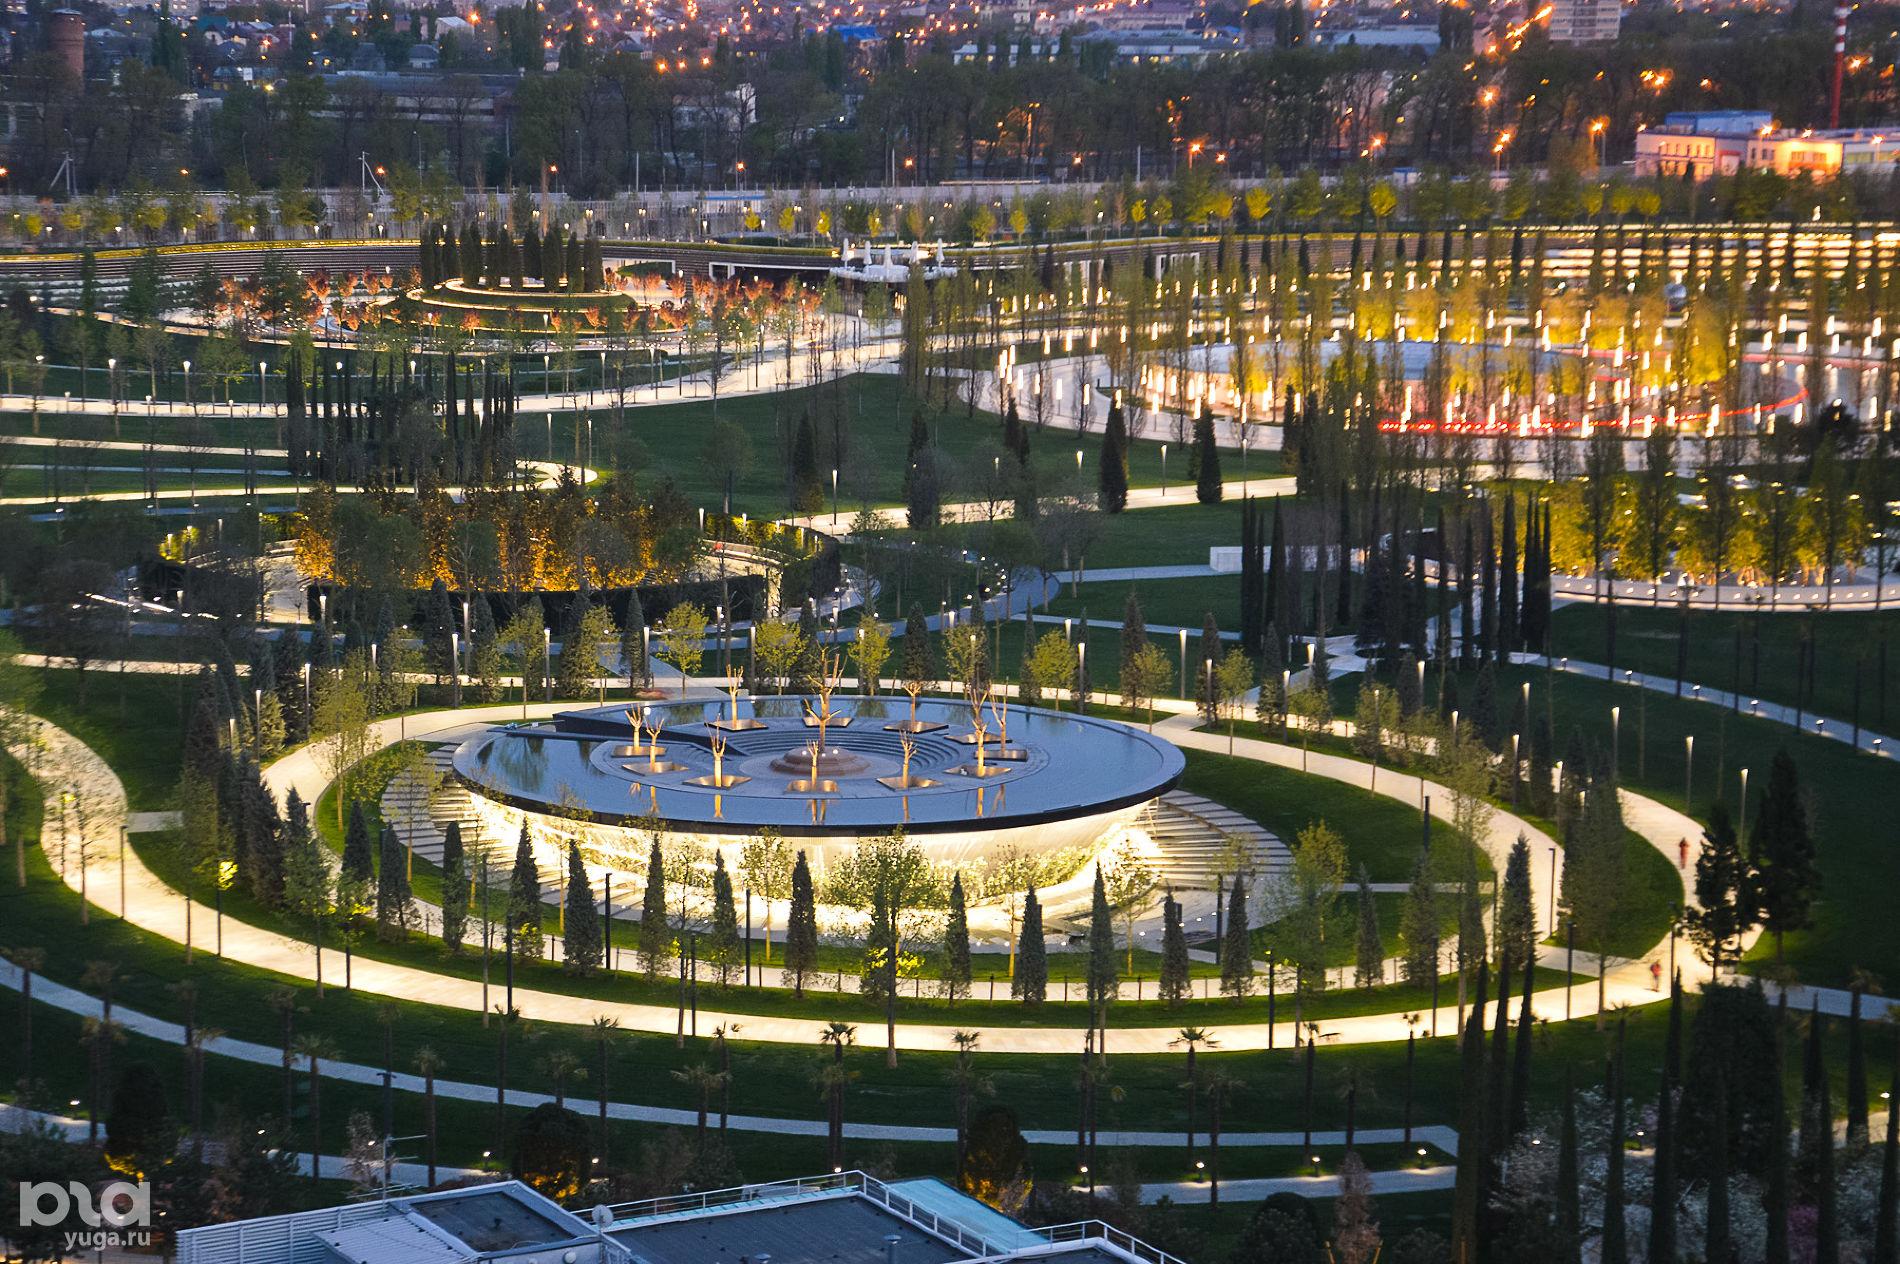 парк возле стадиона краснодар фото отвечает сбор